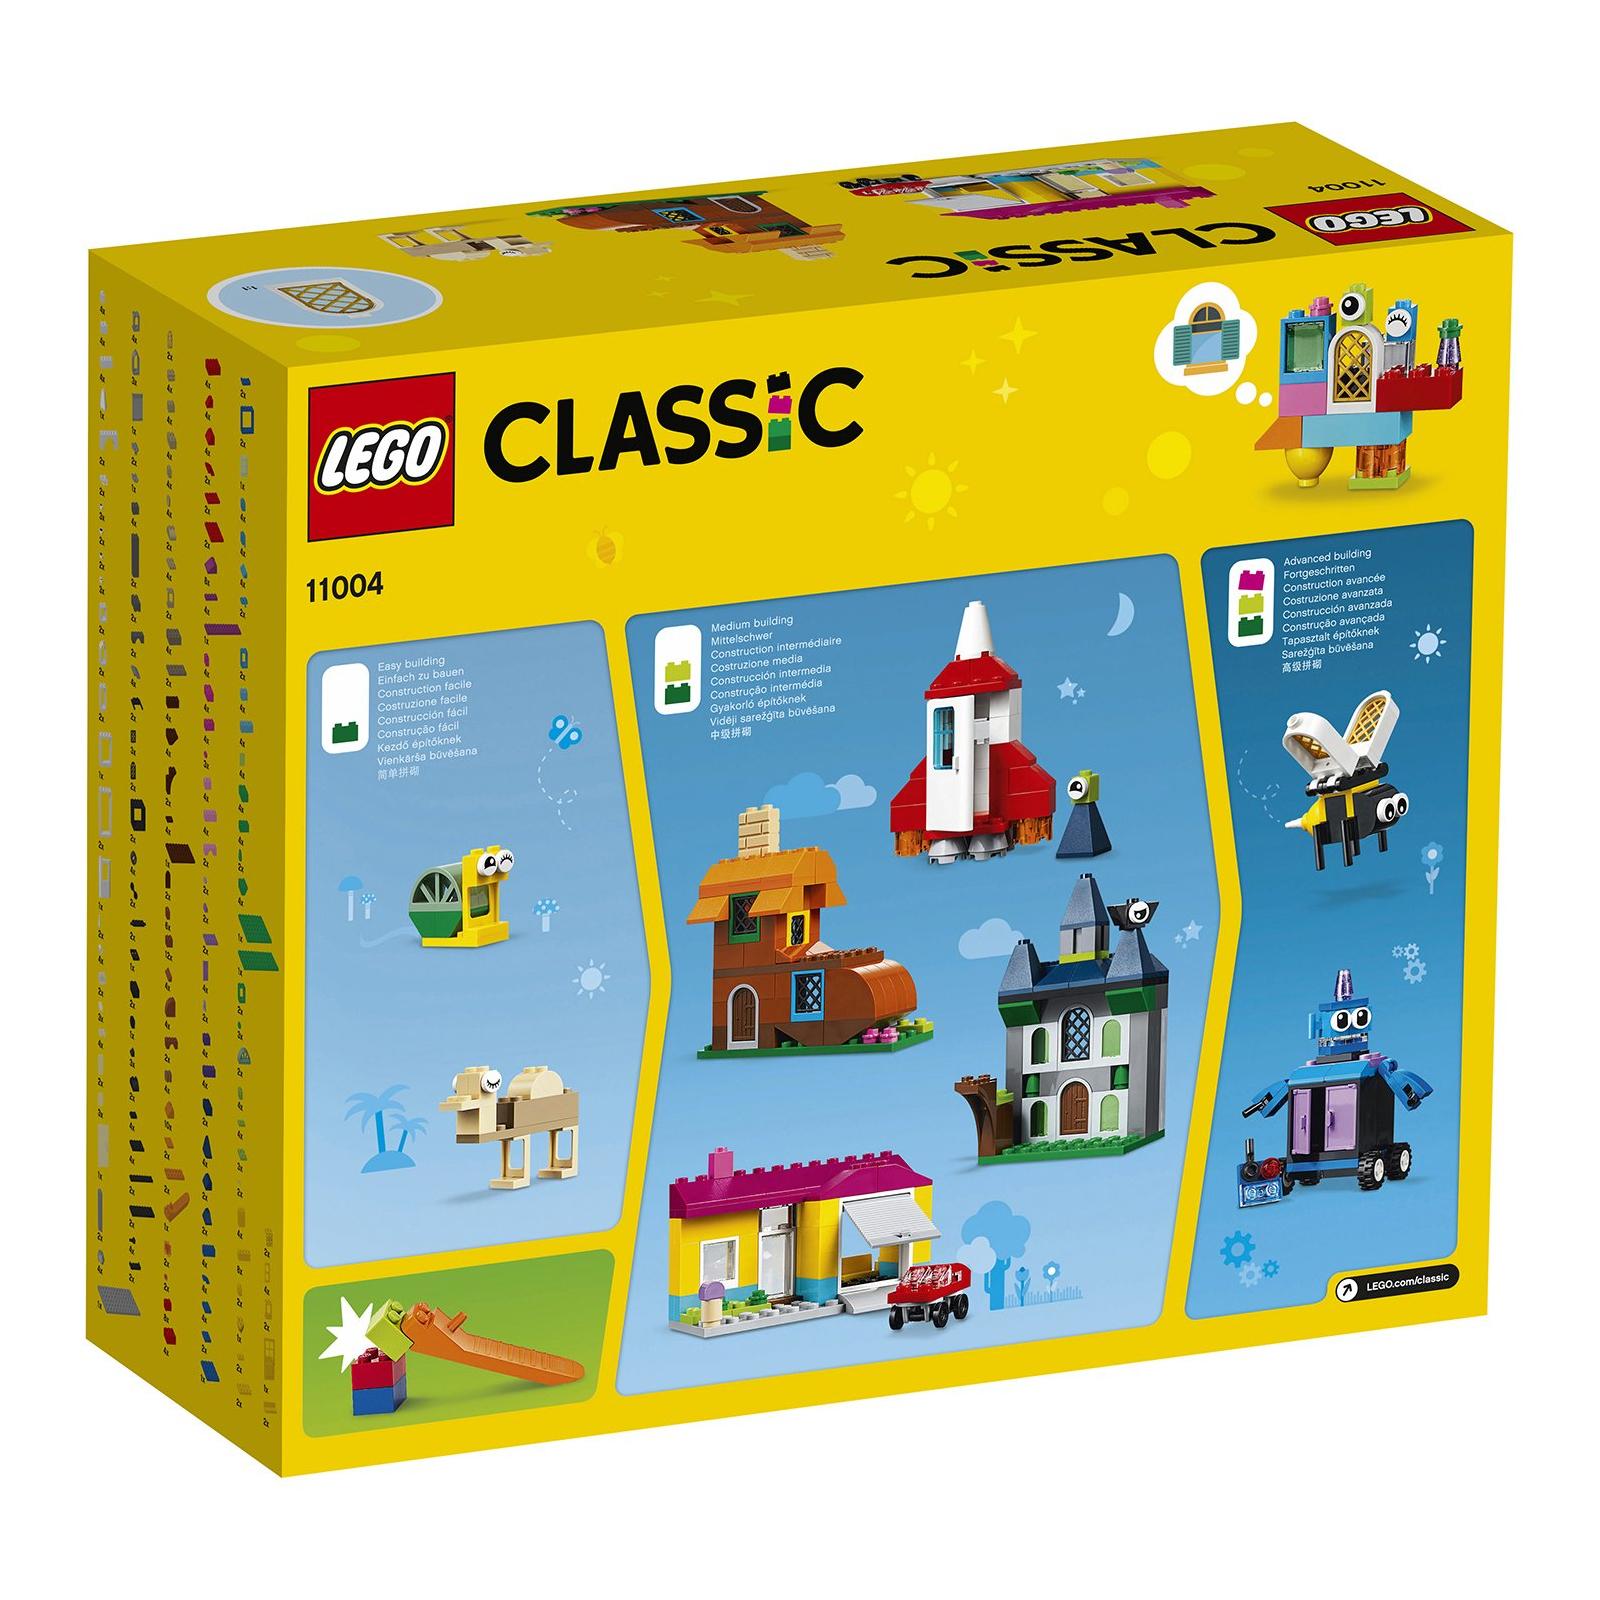 Конструктор LEGO Classic Набор для творчества с окнами 450 деталей (11004) изображение 7